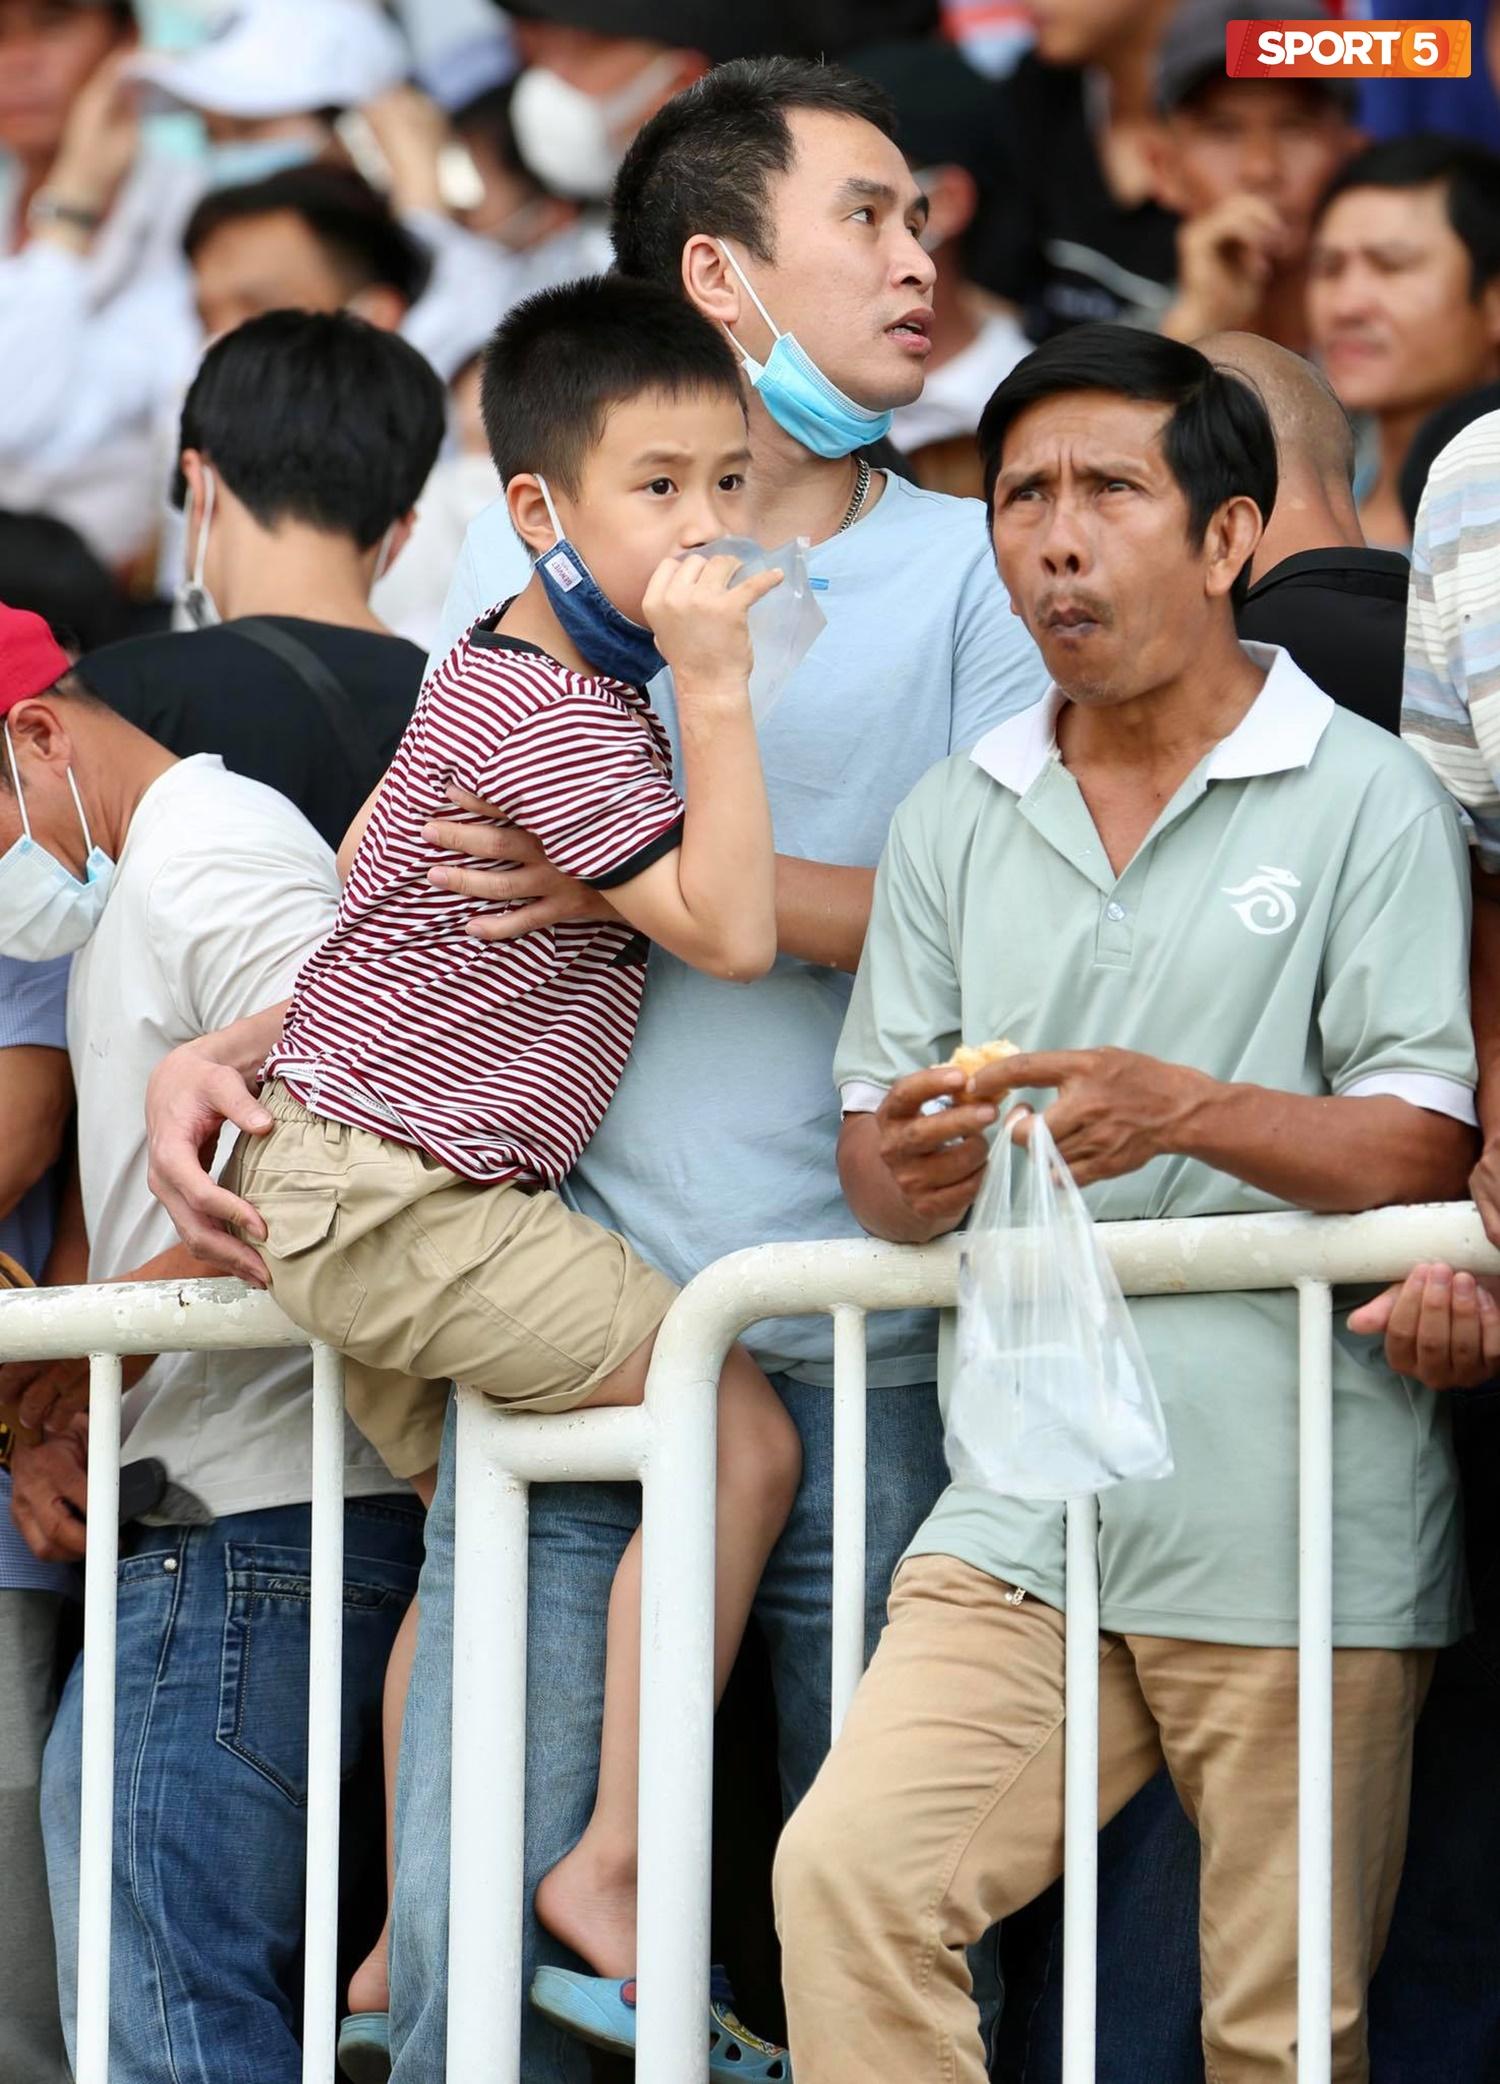 Fan phải ngồi đất, đứng chen chúc hàng loạt vì không có ghế ngồi xem trận HAGL và Hà Nội FC - Ảnh 7.